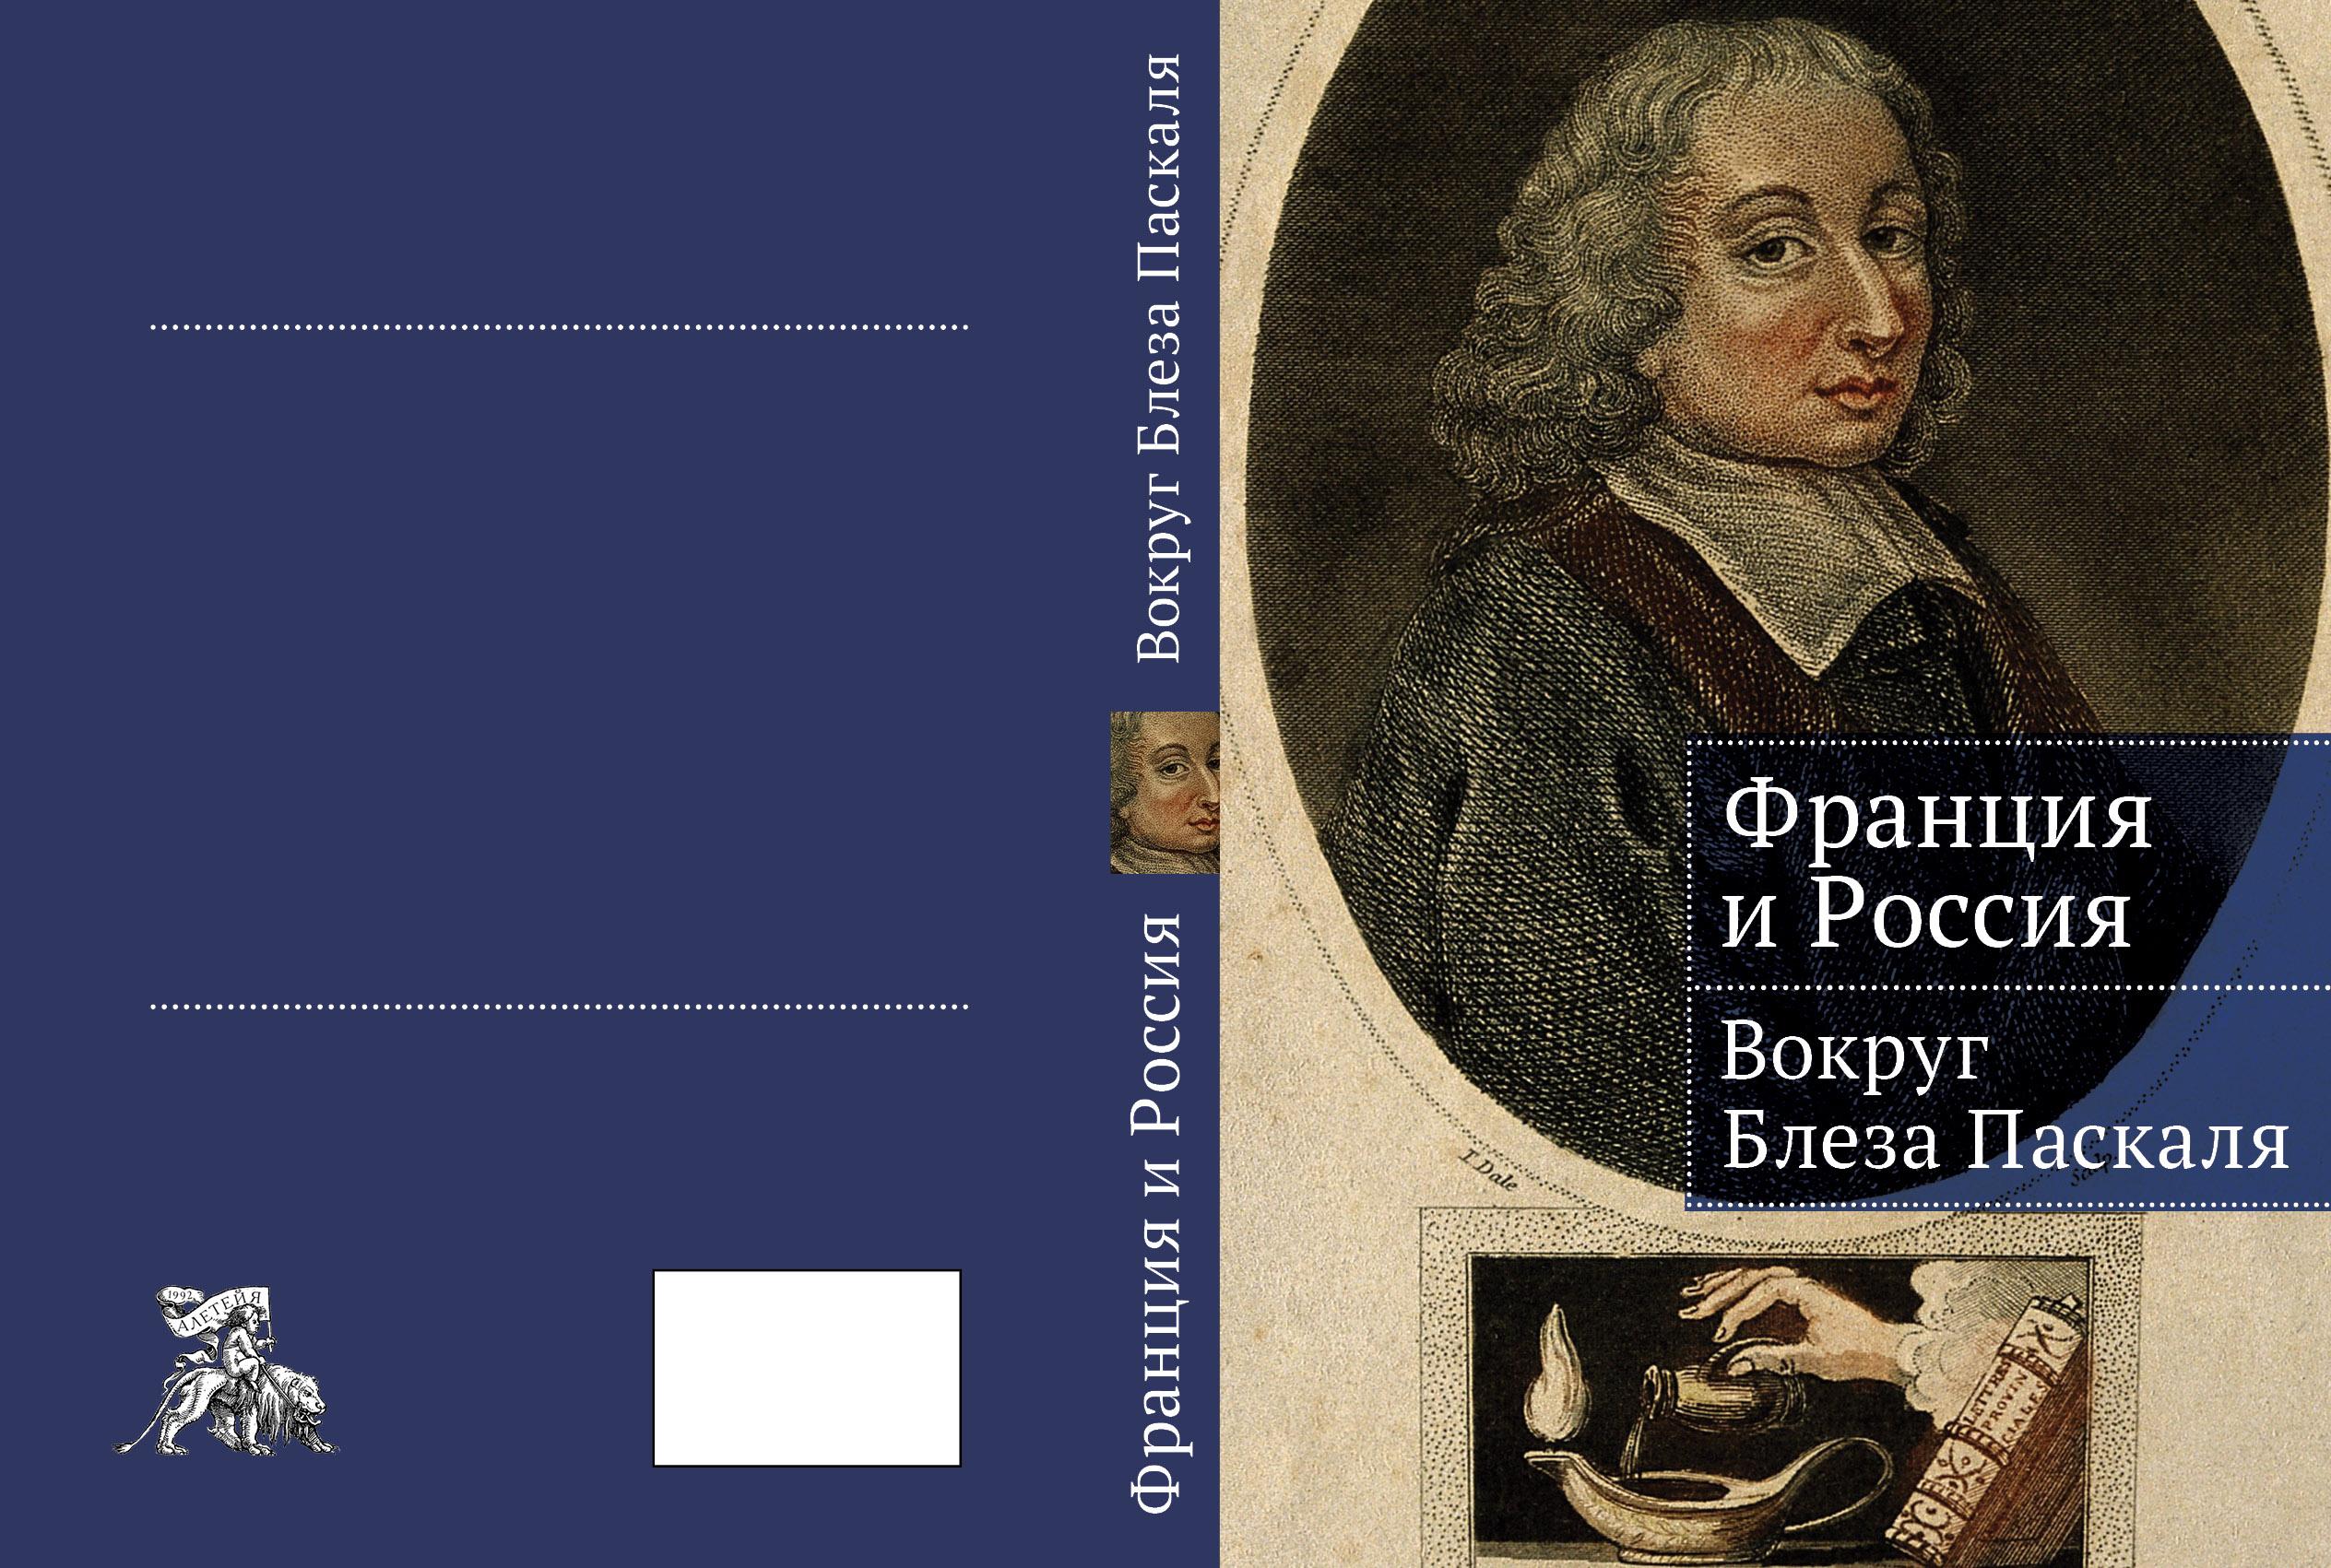 Блез Паскаль и Аввакум Петров: двойной портрет